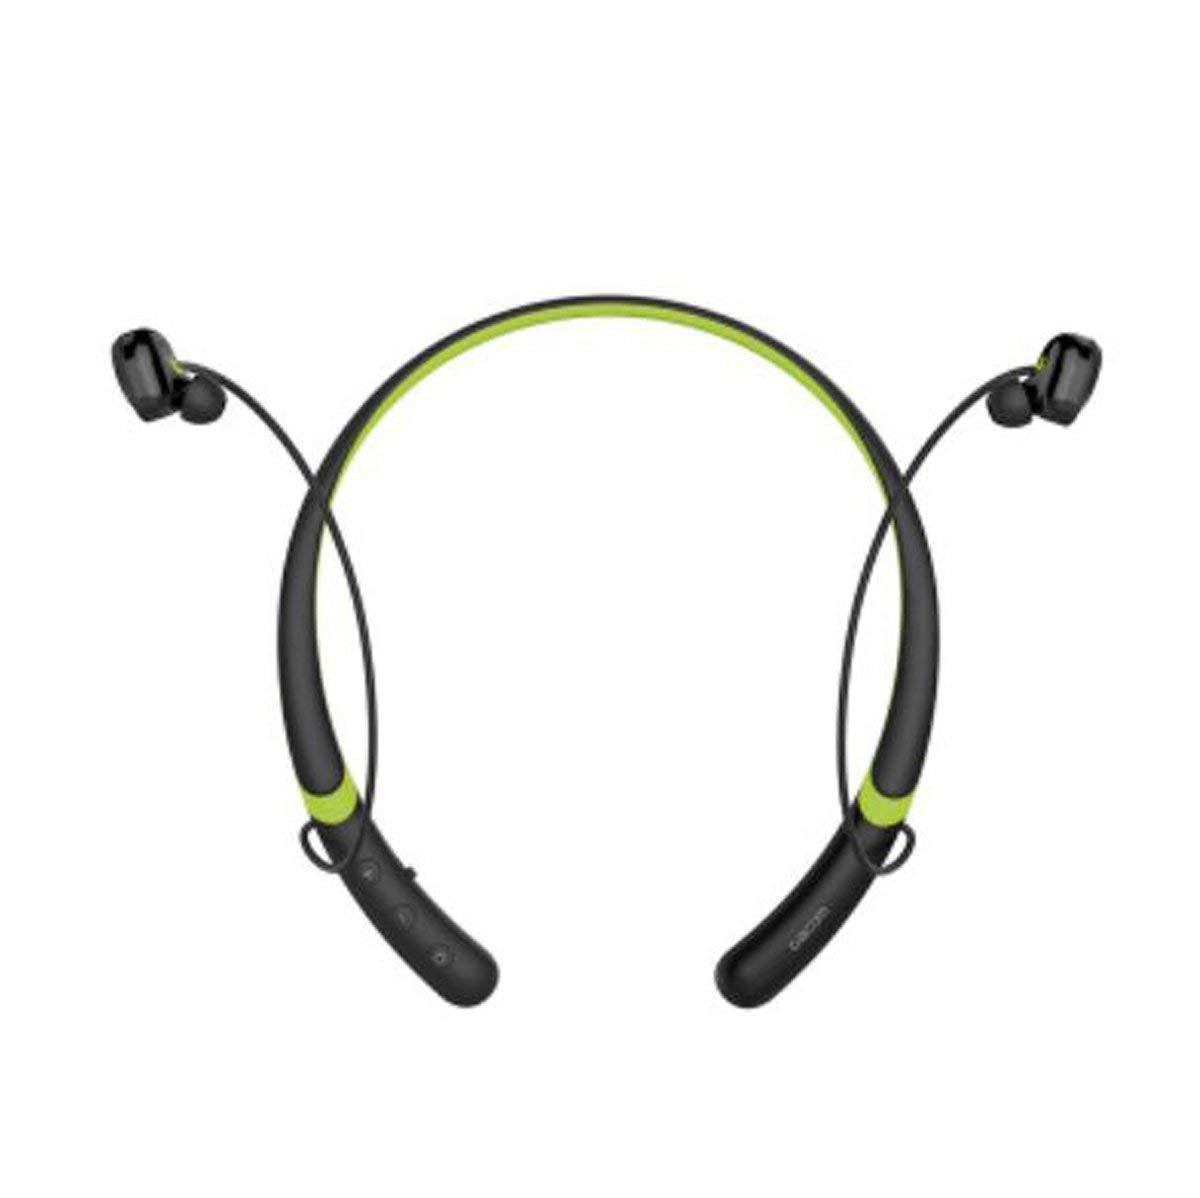 Amazon.com: Hzhy Bluetooth 4.1 Headphones L02 Double